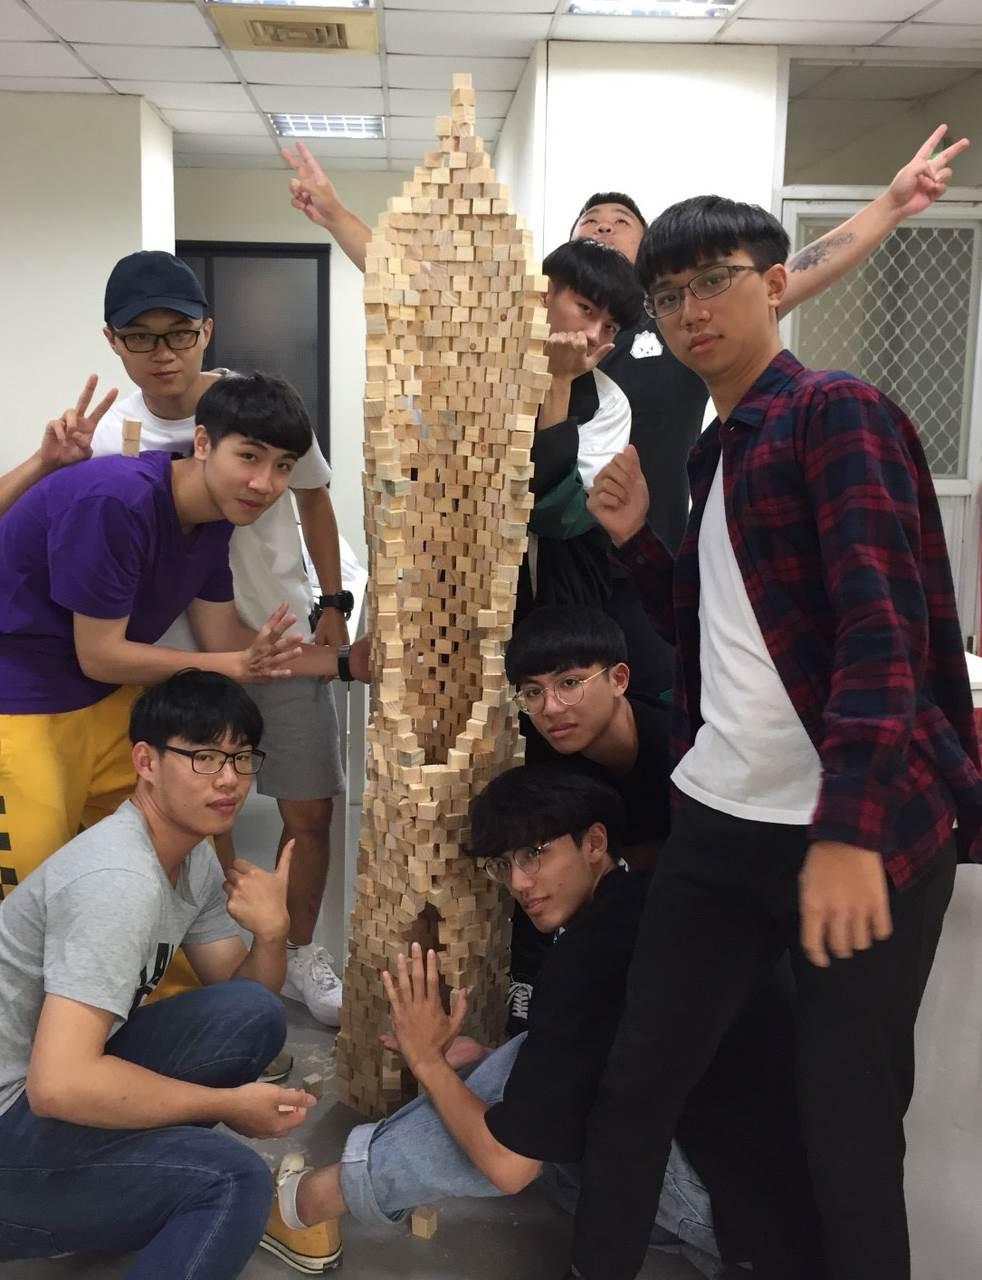 學員參與「探索心的形態」工作坊,用積木探索抽象雕塑-2